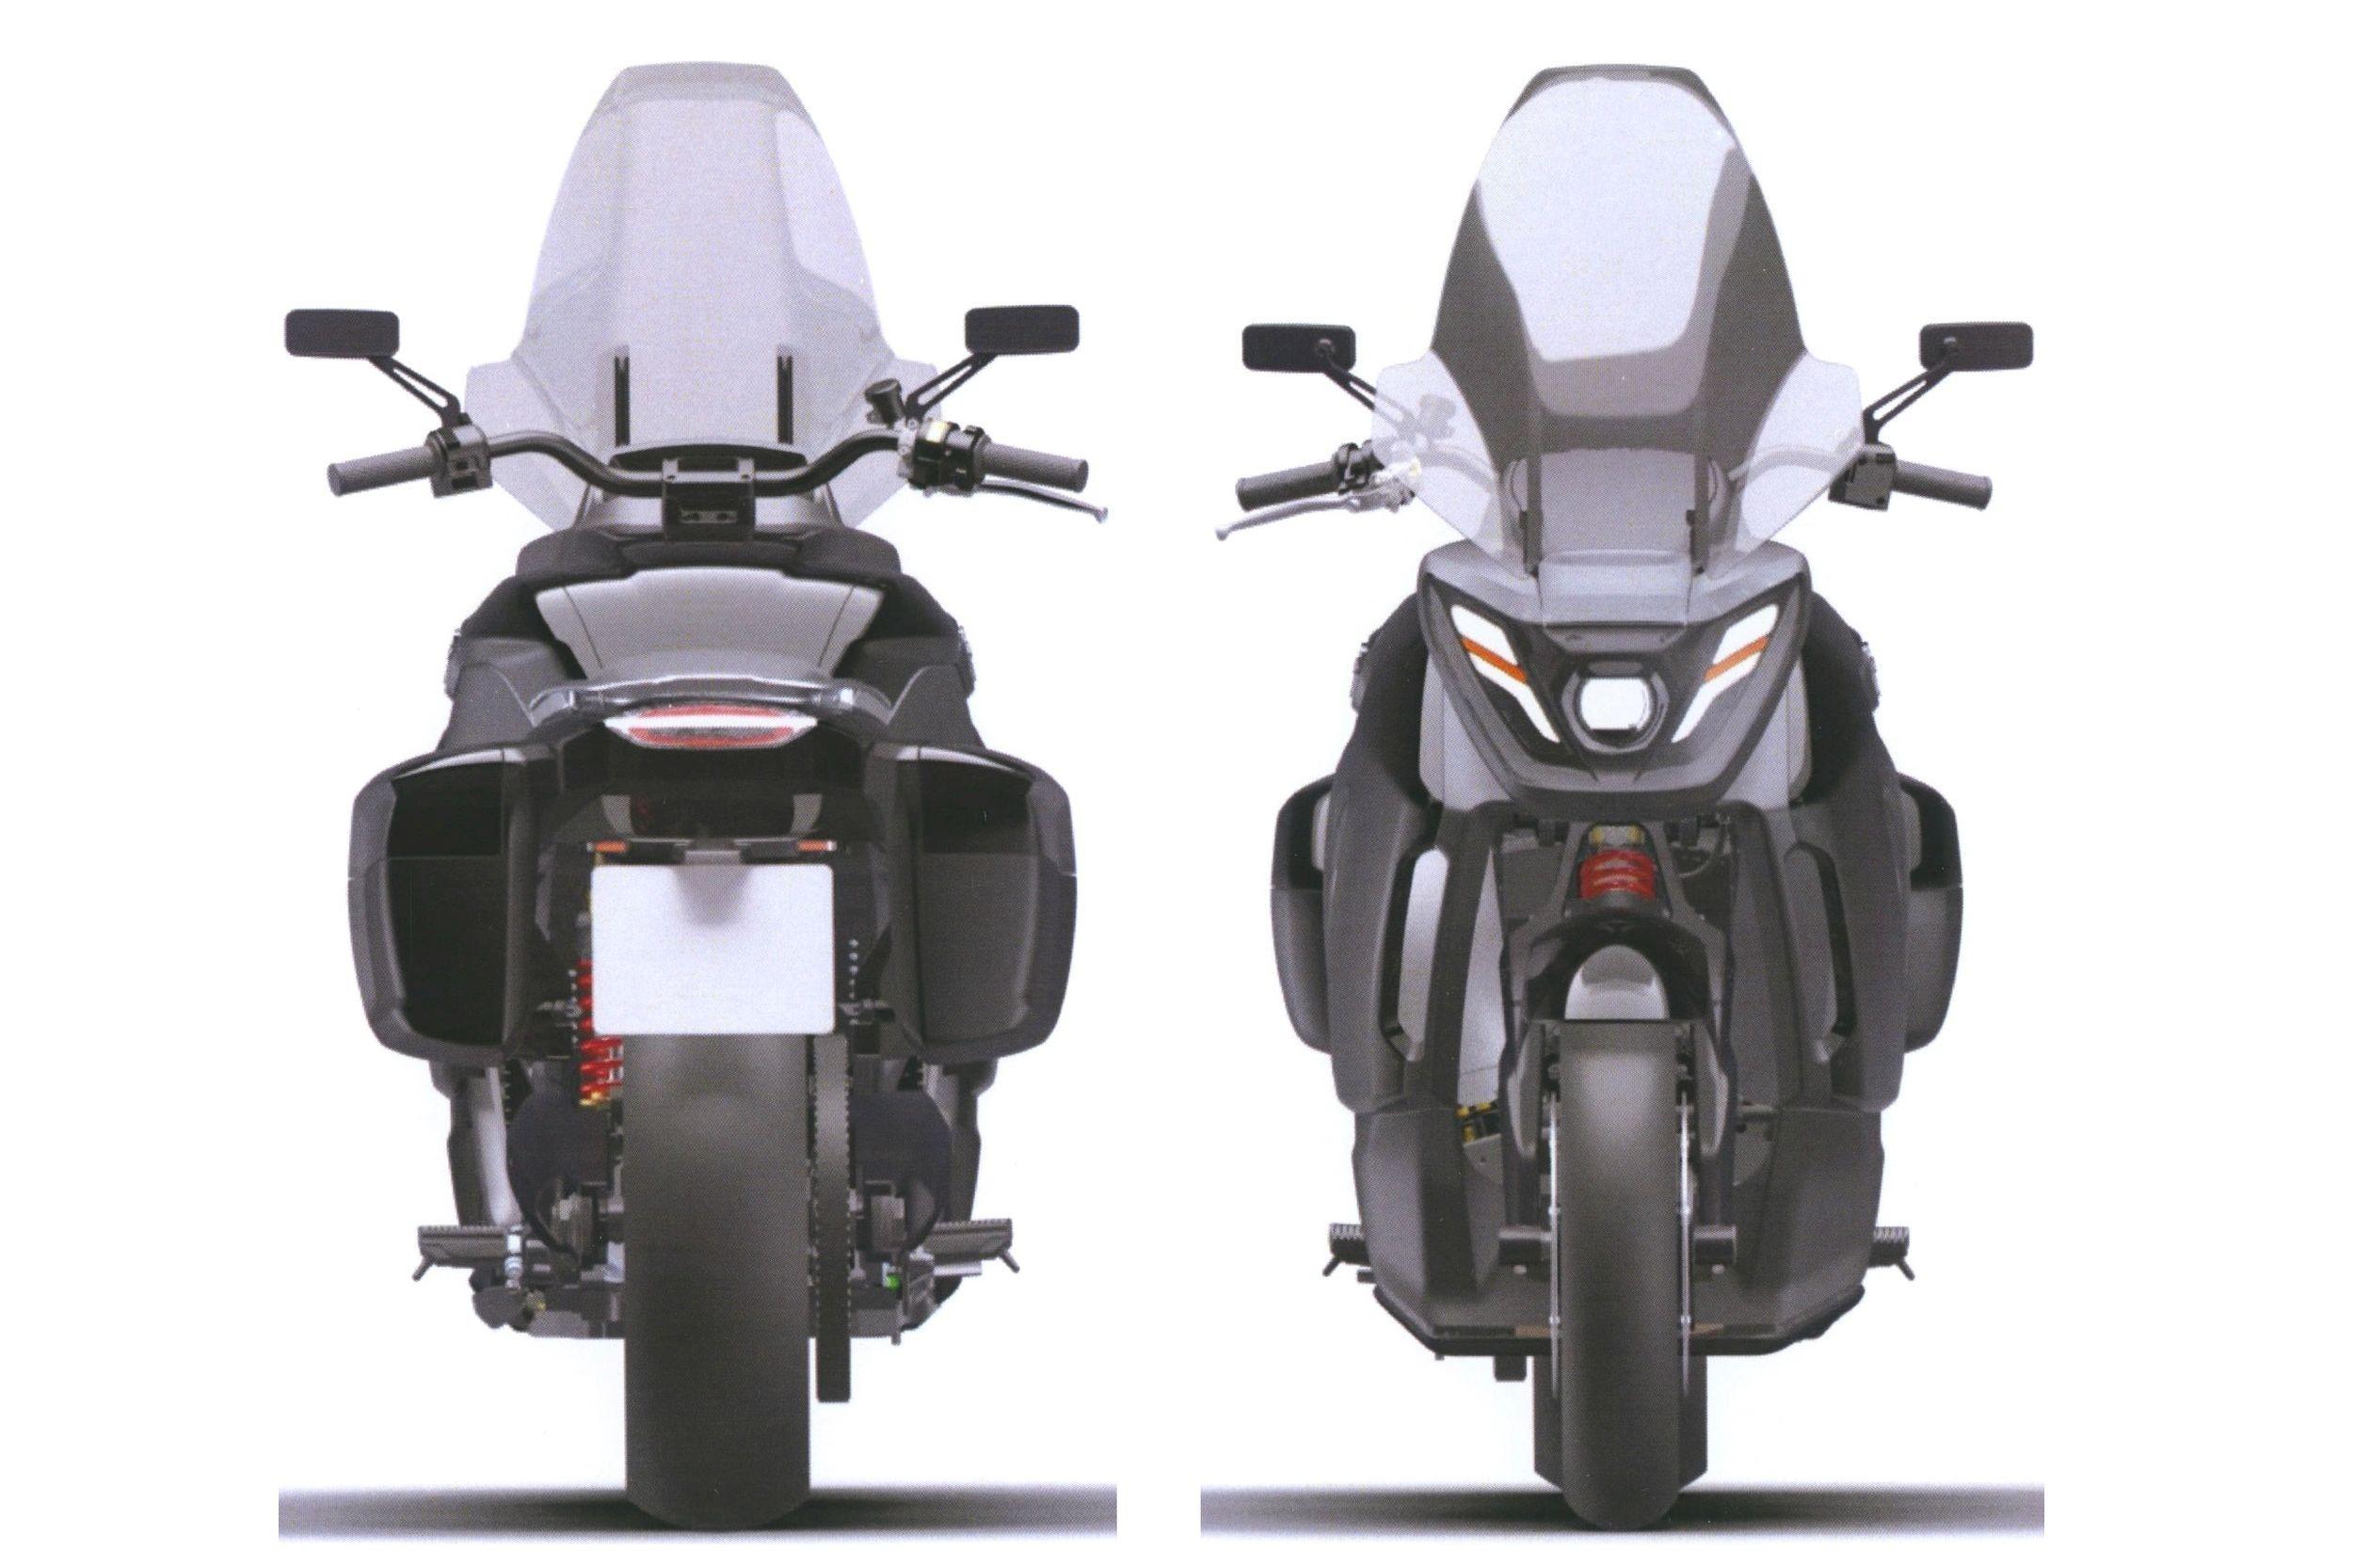 Патентные изображения мотоцикла Aurus: обычный турист вместо «ракеты Бэтмена»